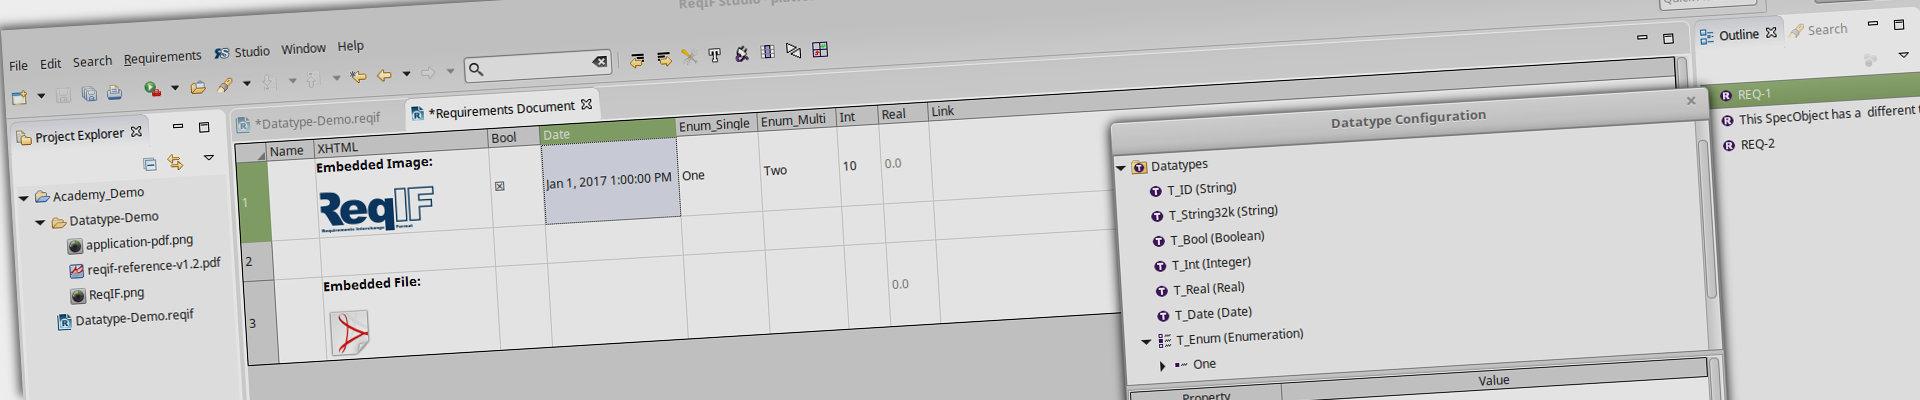 Reqif Studio Mac Download